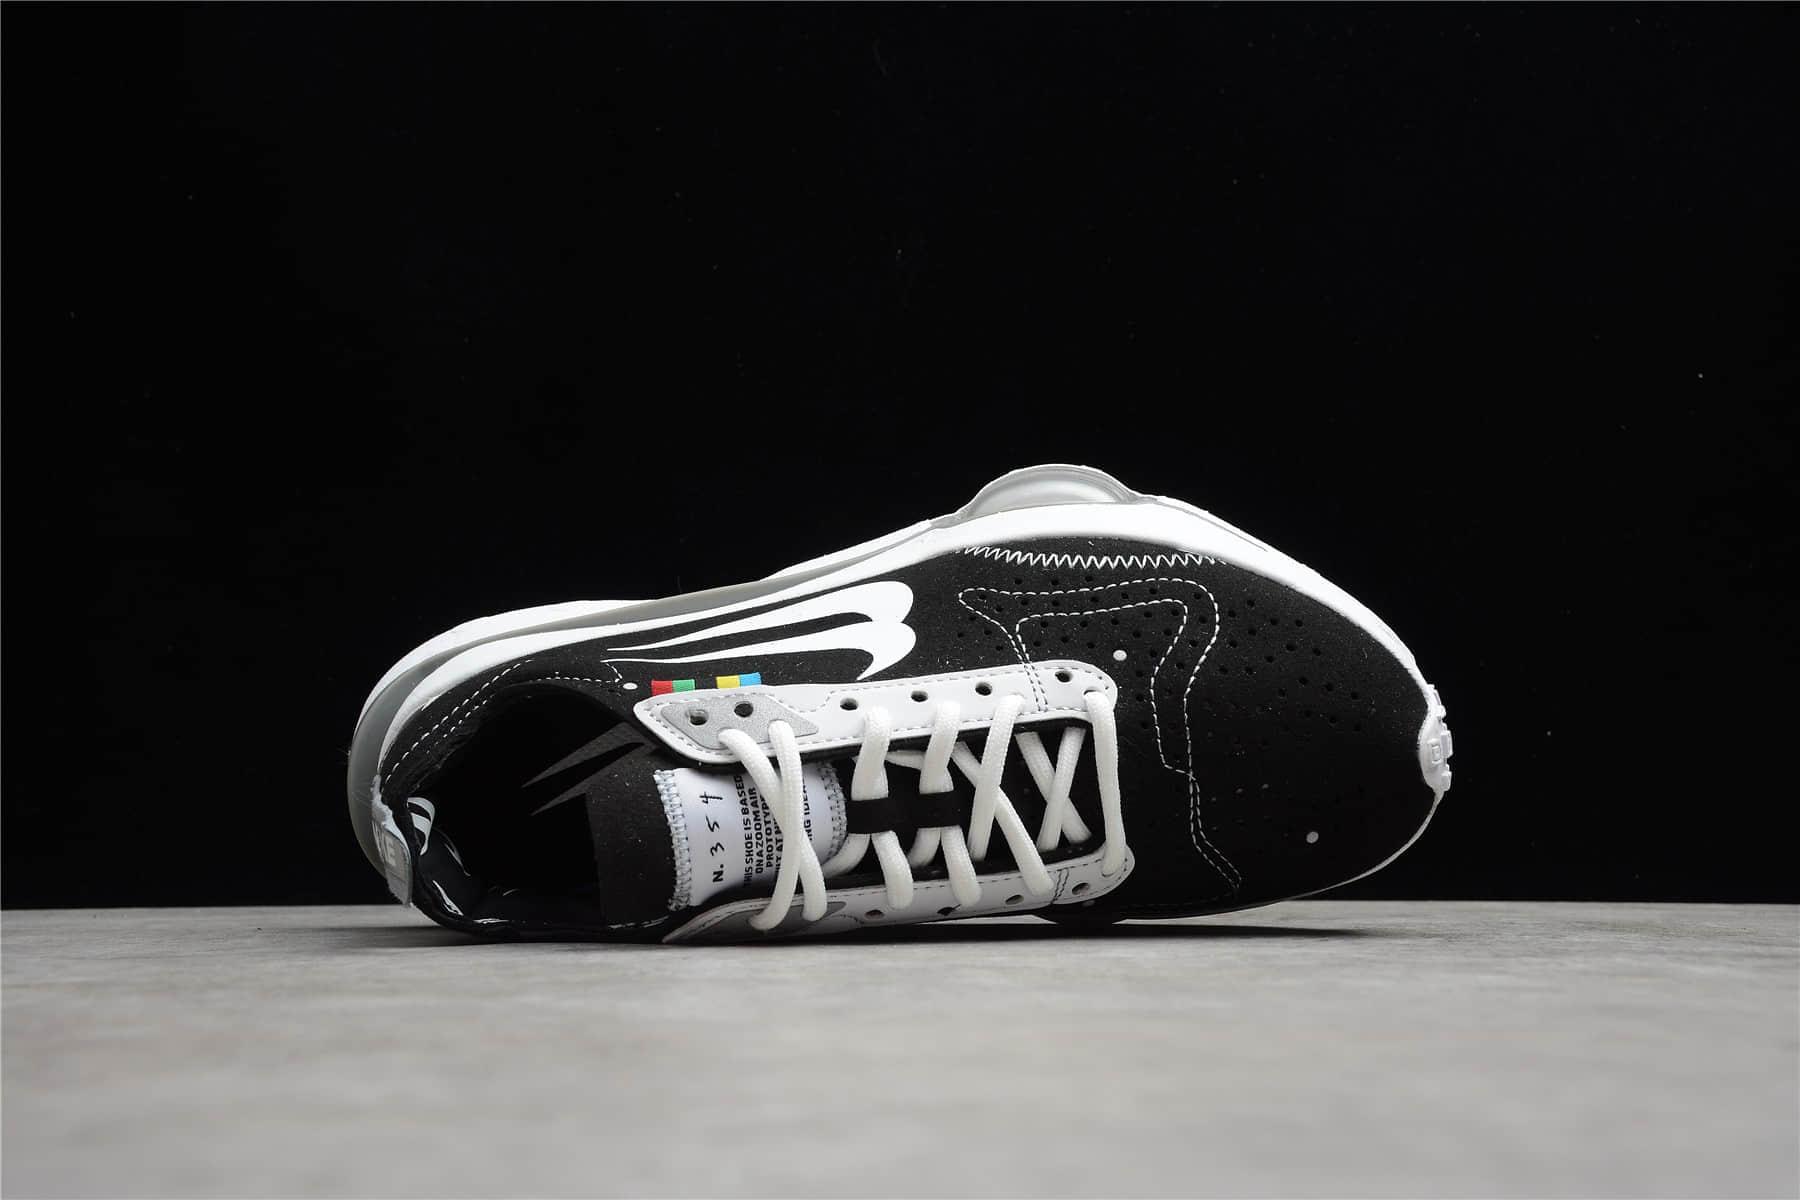 耐克N.354气垫双勾黑白气垫跑鞋 NIKE N.354 ZOOM-TYPE 耐克期解构阴阳黑白跑鞋 货号:DB2622-001-潮流者之家